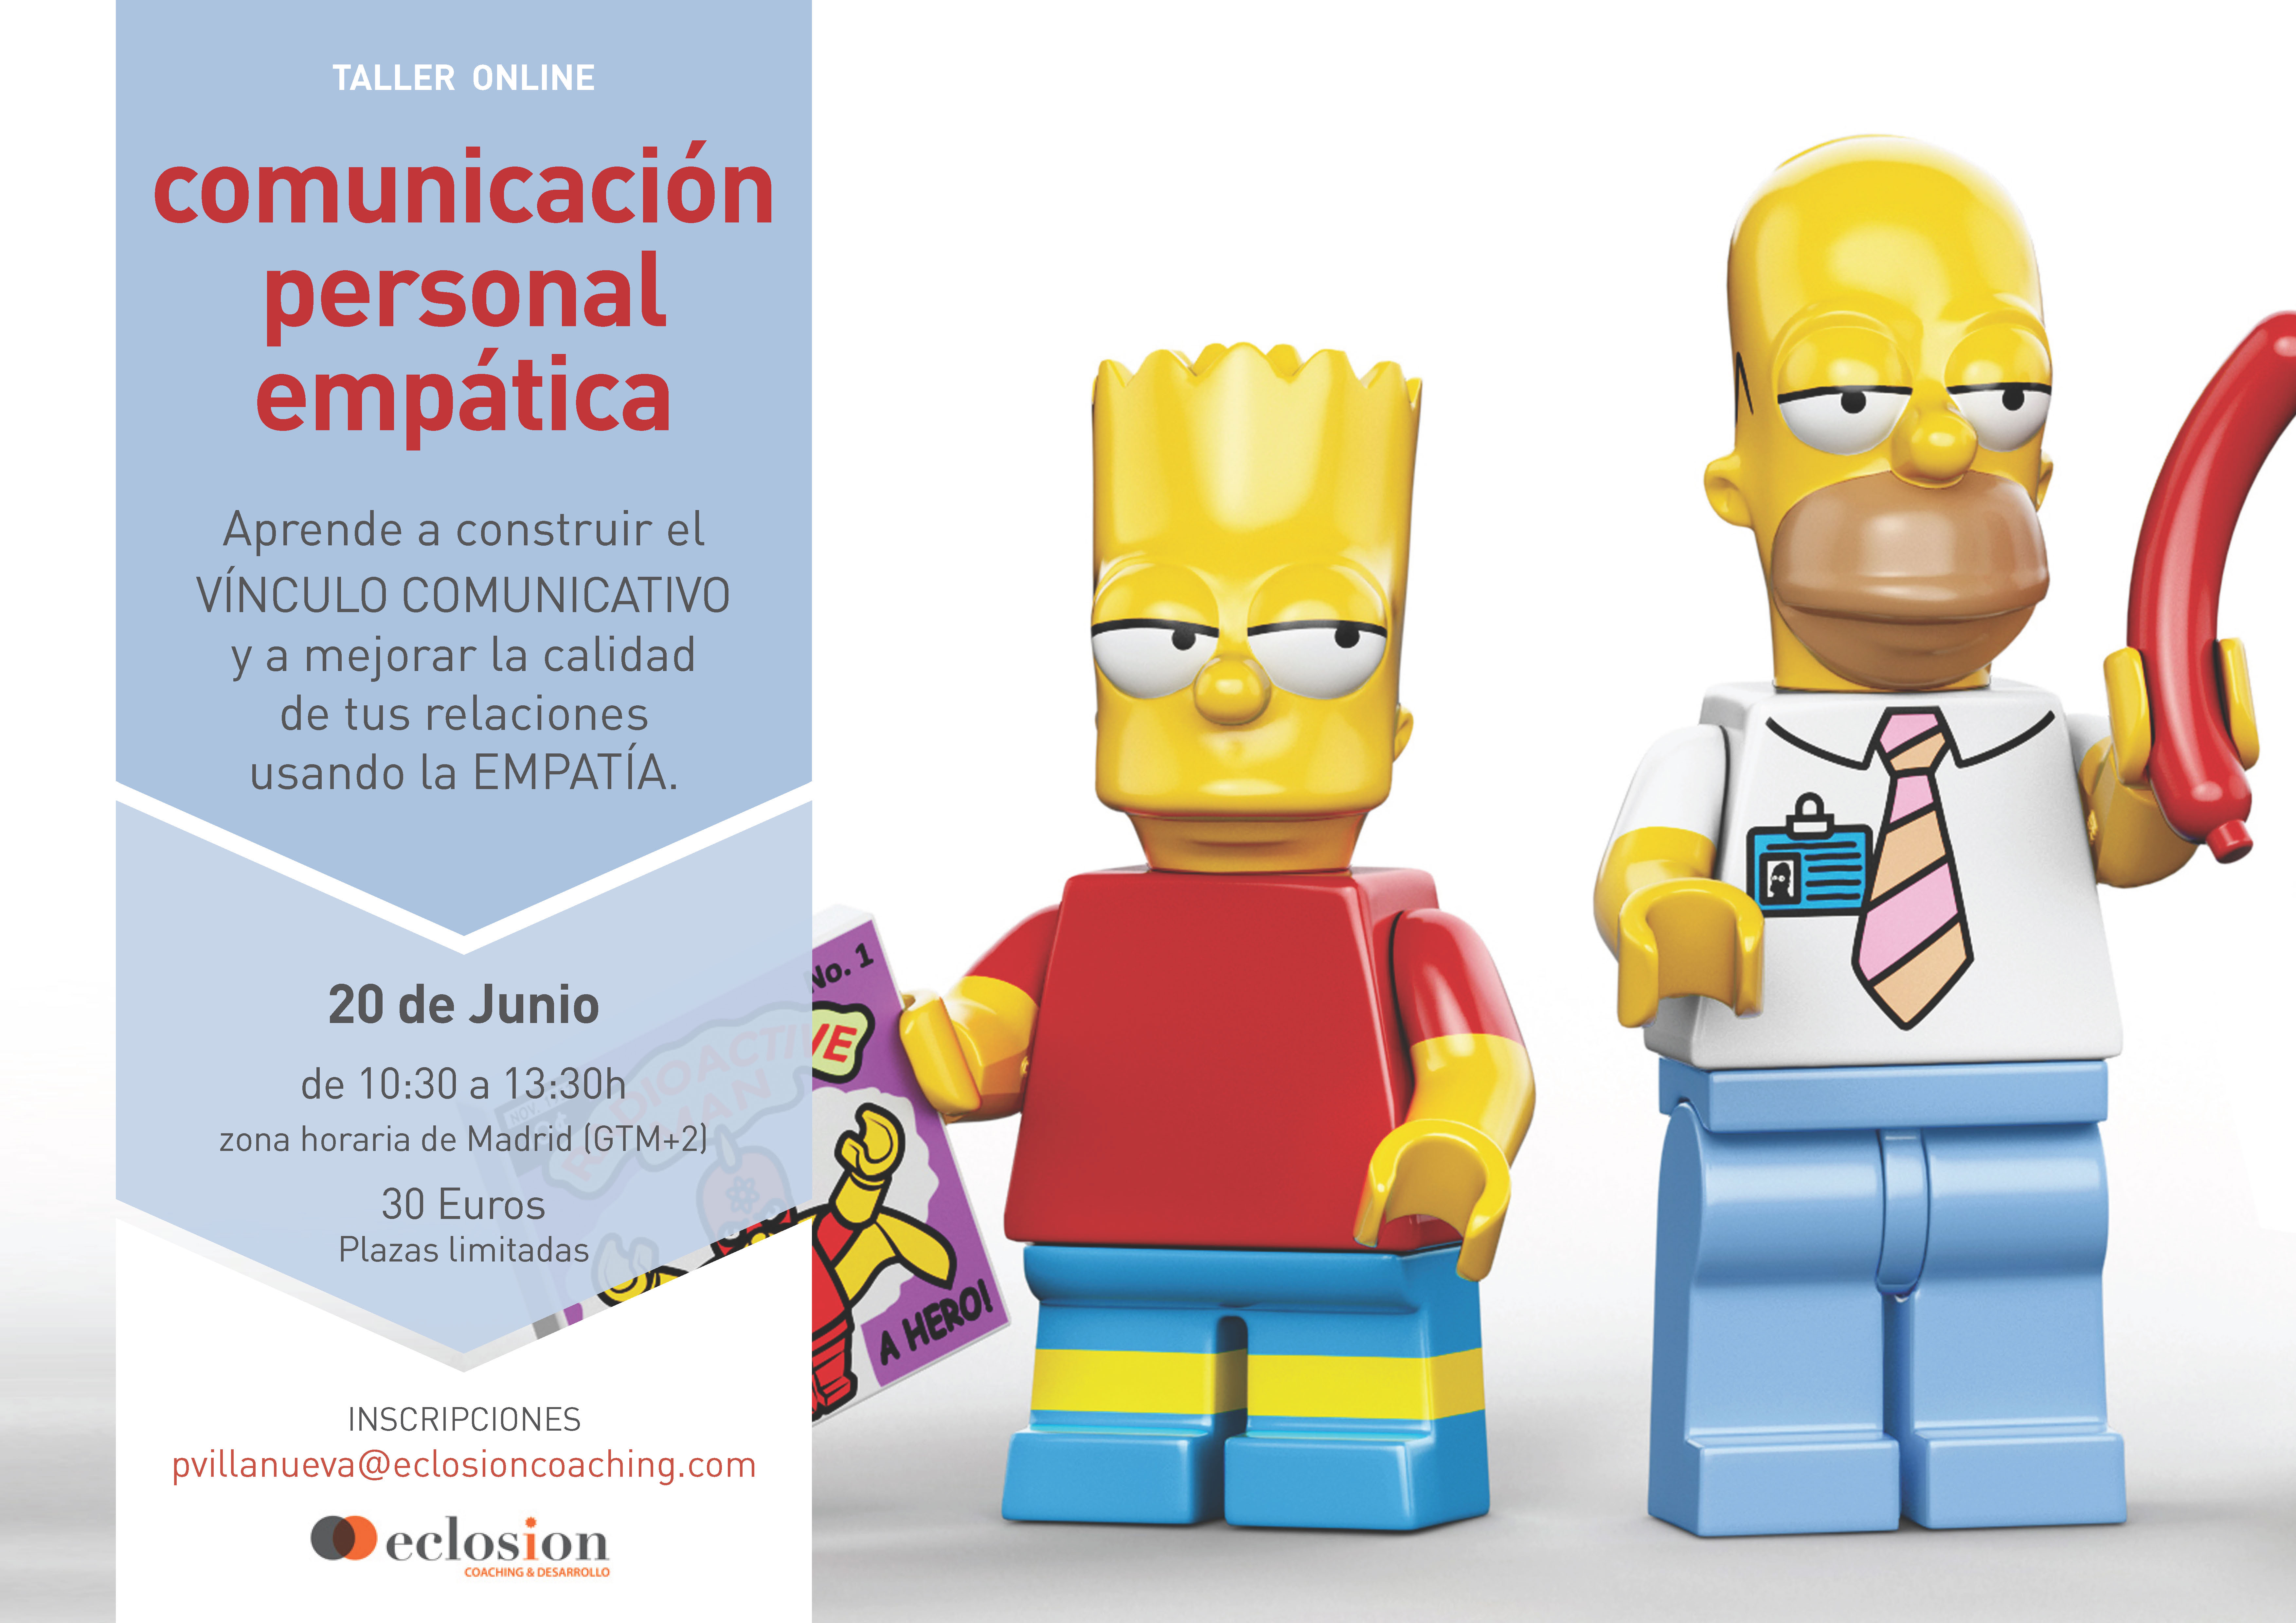 Publicidad curso online - comunicacion - 20jun2020-2